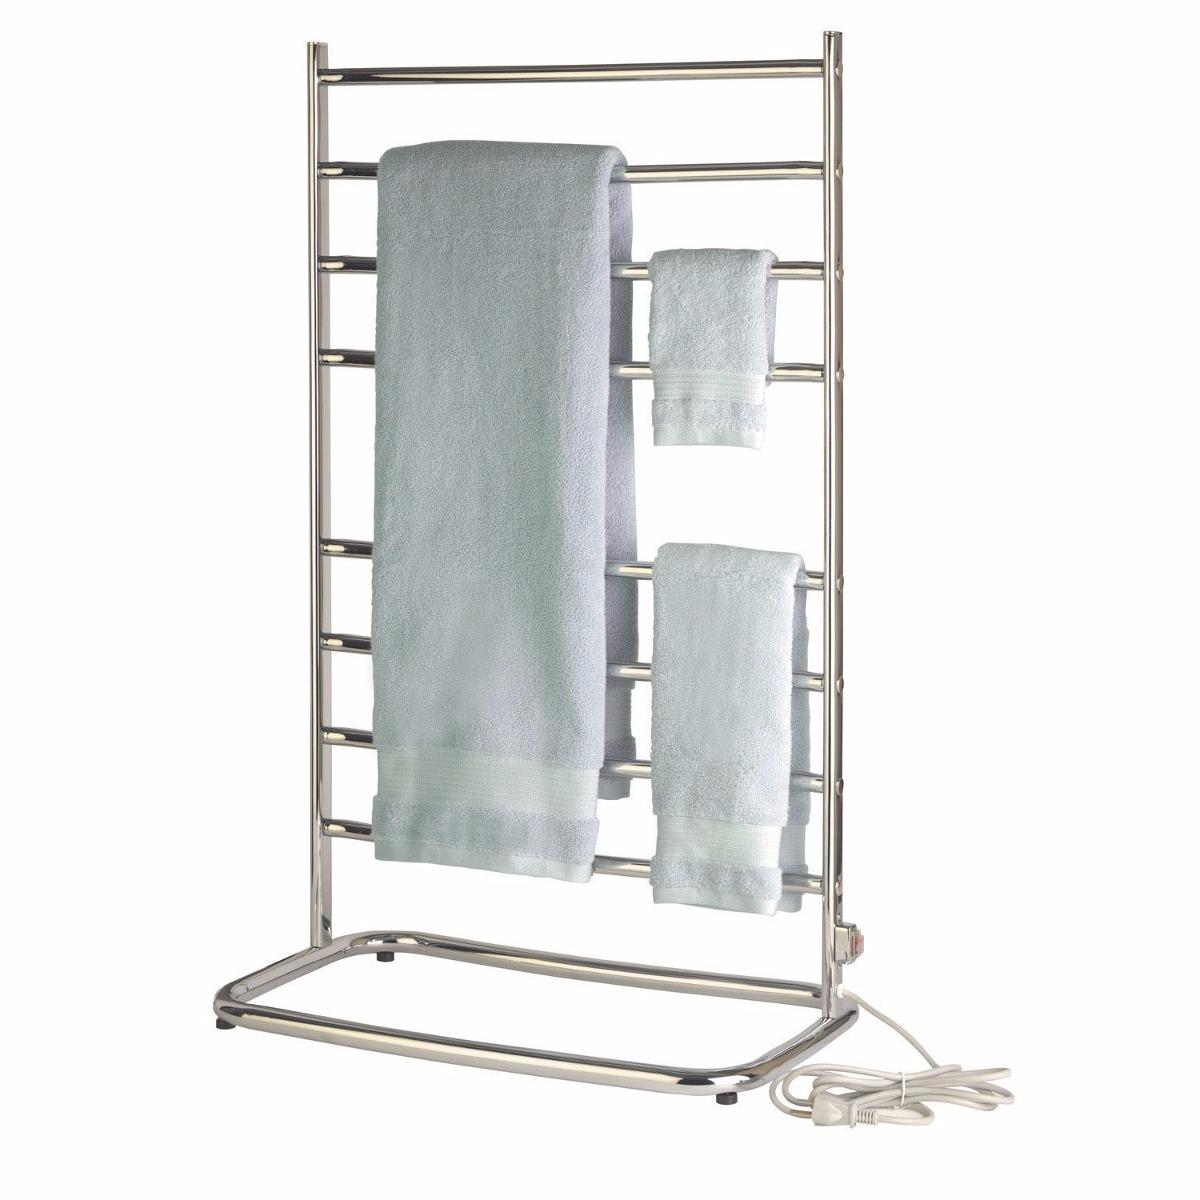 Calentador de toallas ba o toallero el ctrico pm0 for Calentador de toallas electrico